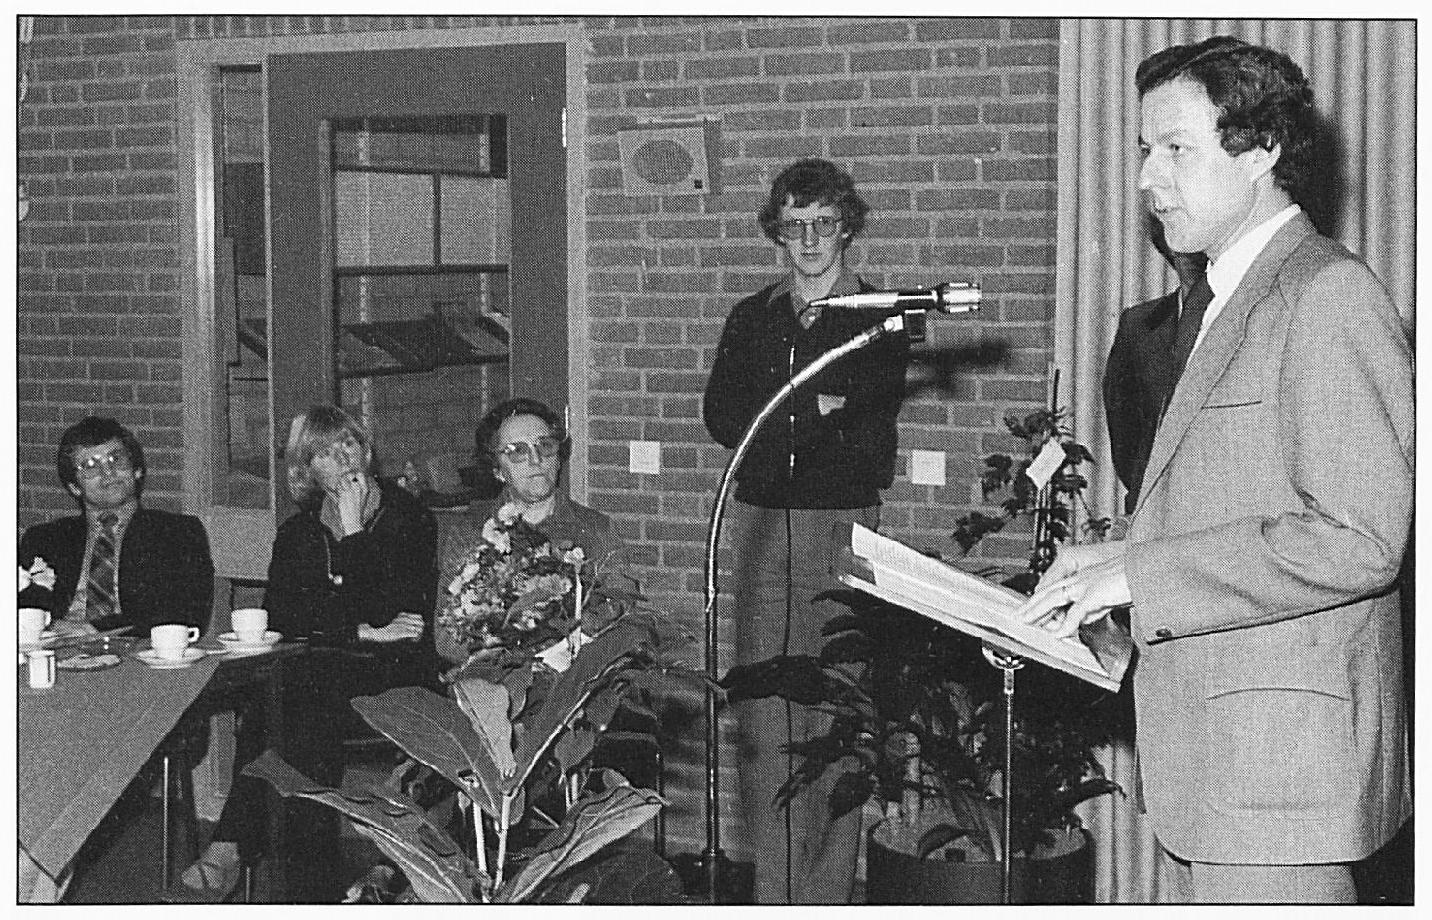 Dhr. Van Duynhoven, de toenmalige directeur van de Laak spreekt de genodigden toe tijdens de officiële opening van het nieuwe schoolgebouw.